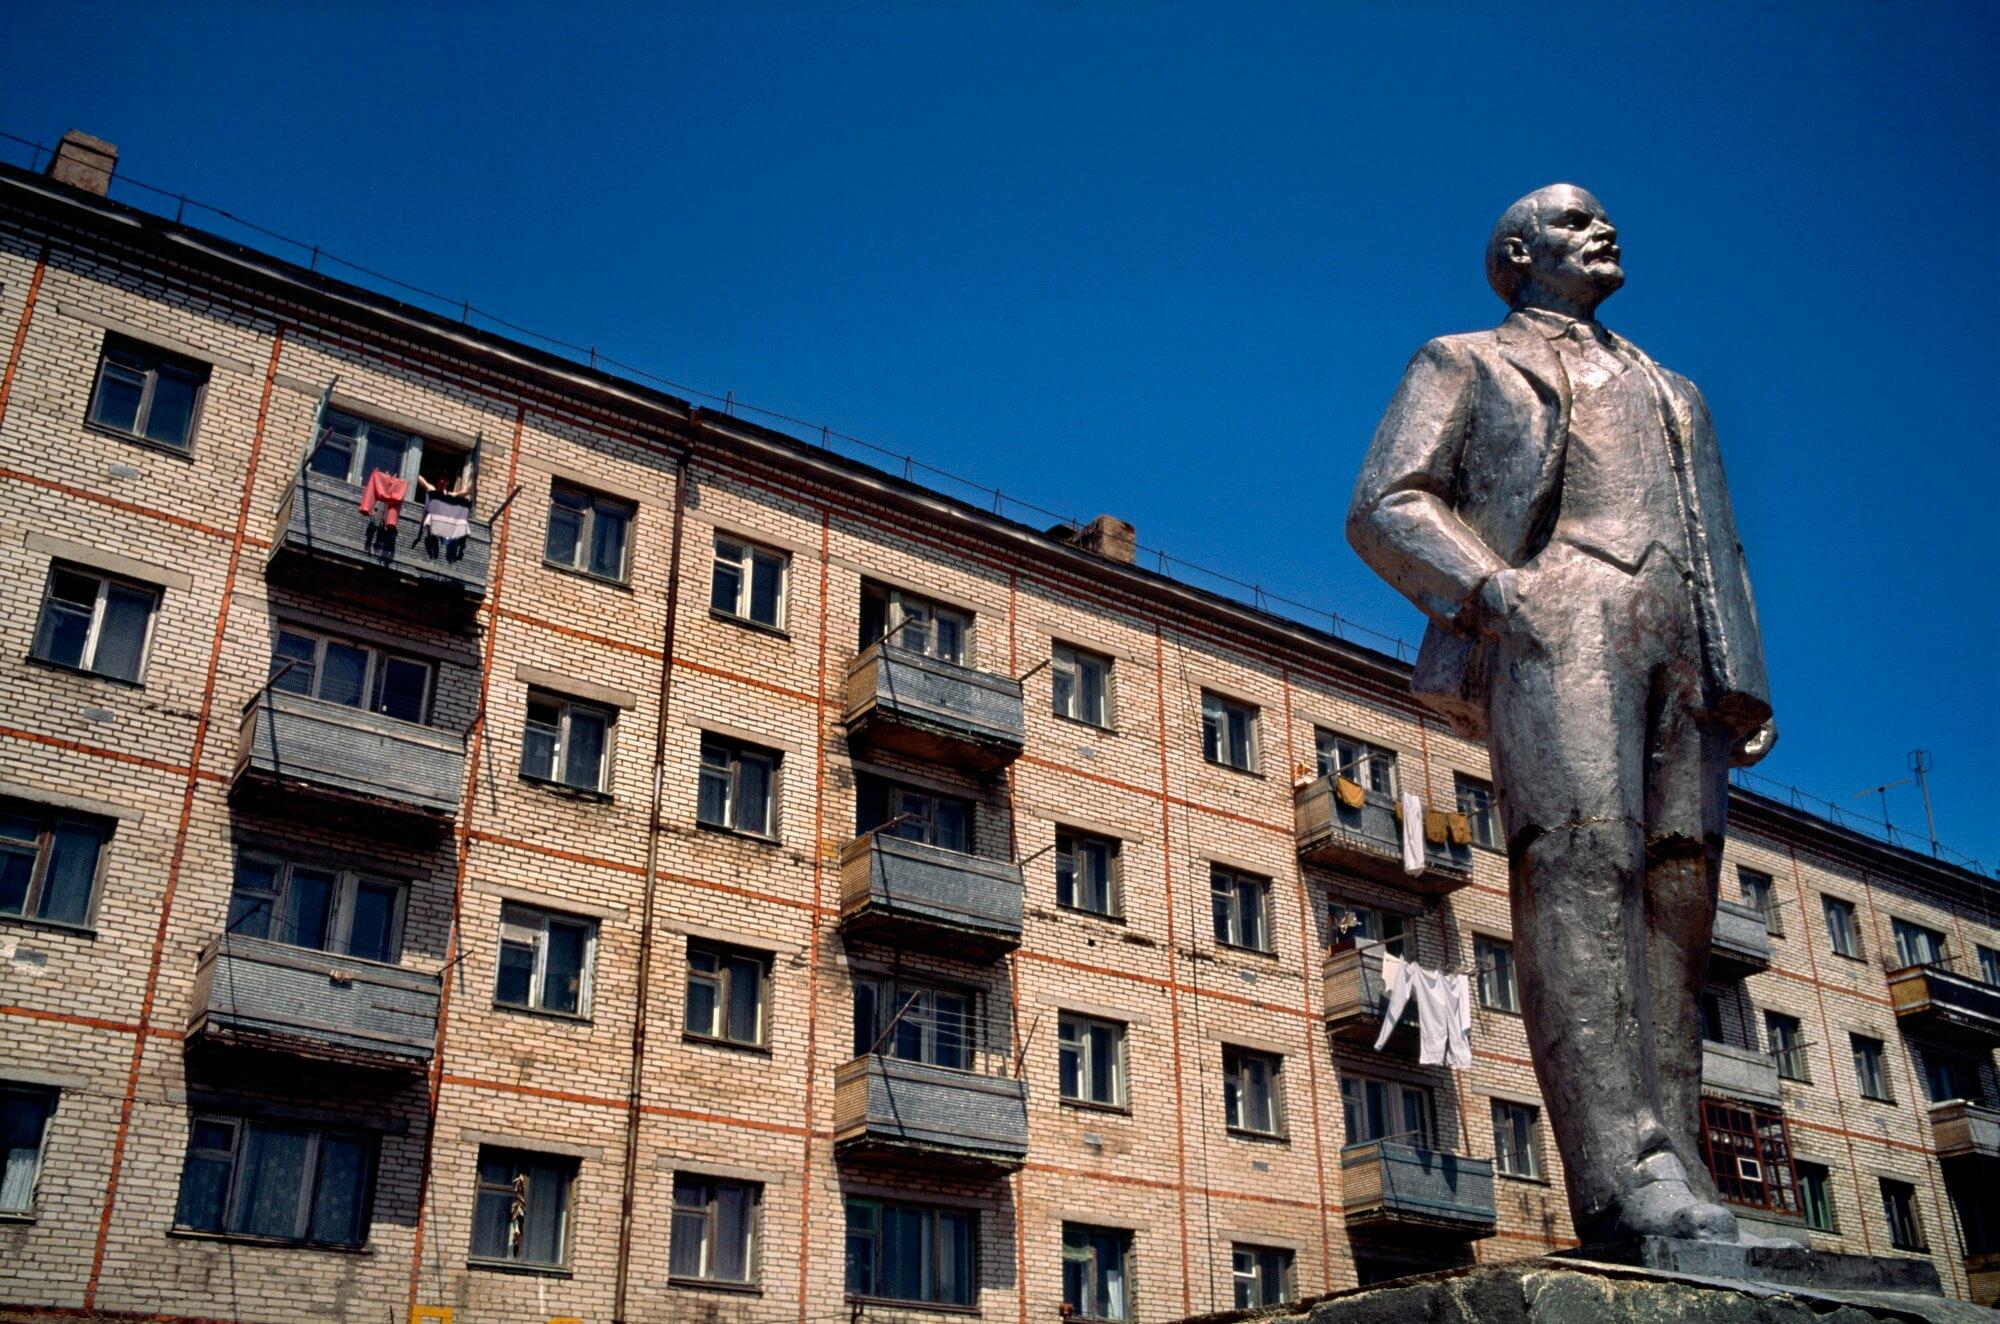 Fédération russe, Lazarov, 1999. - ©Reza